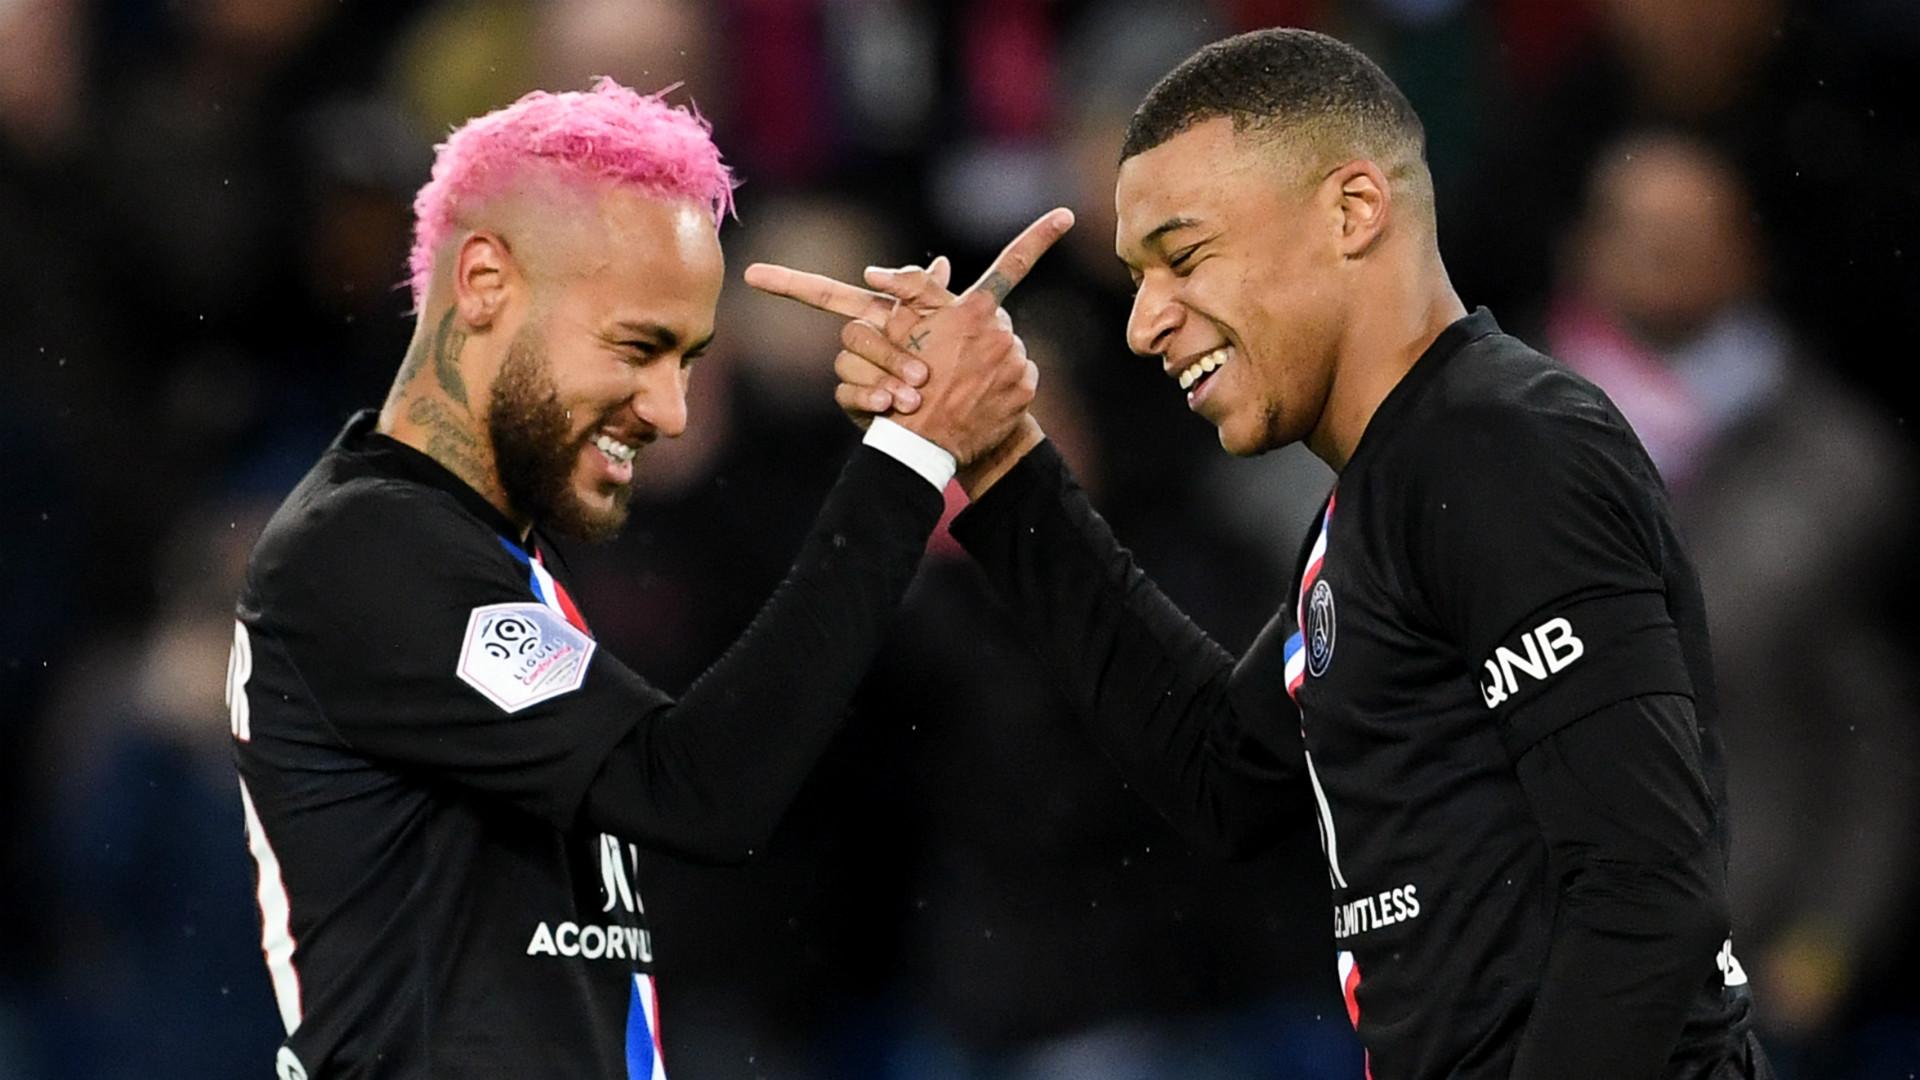 Futébol: Al-Khelaïfi  oferecerá a Mbappé o mesmo salário de Neymar